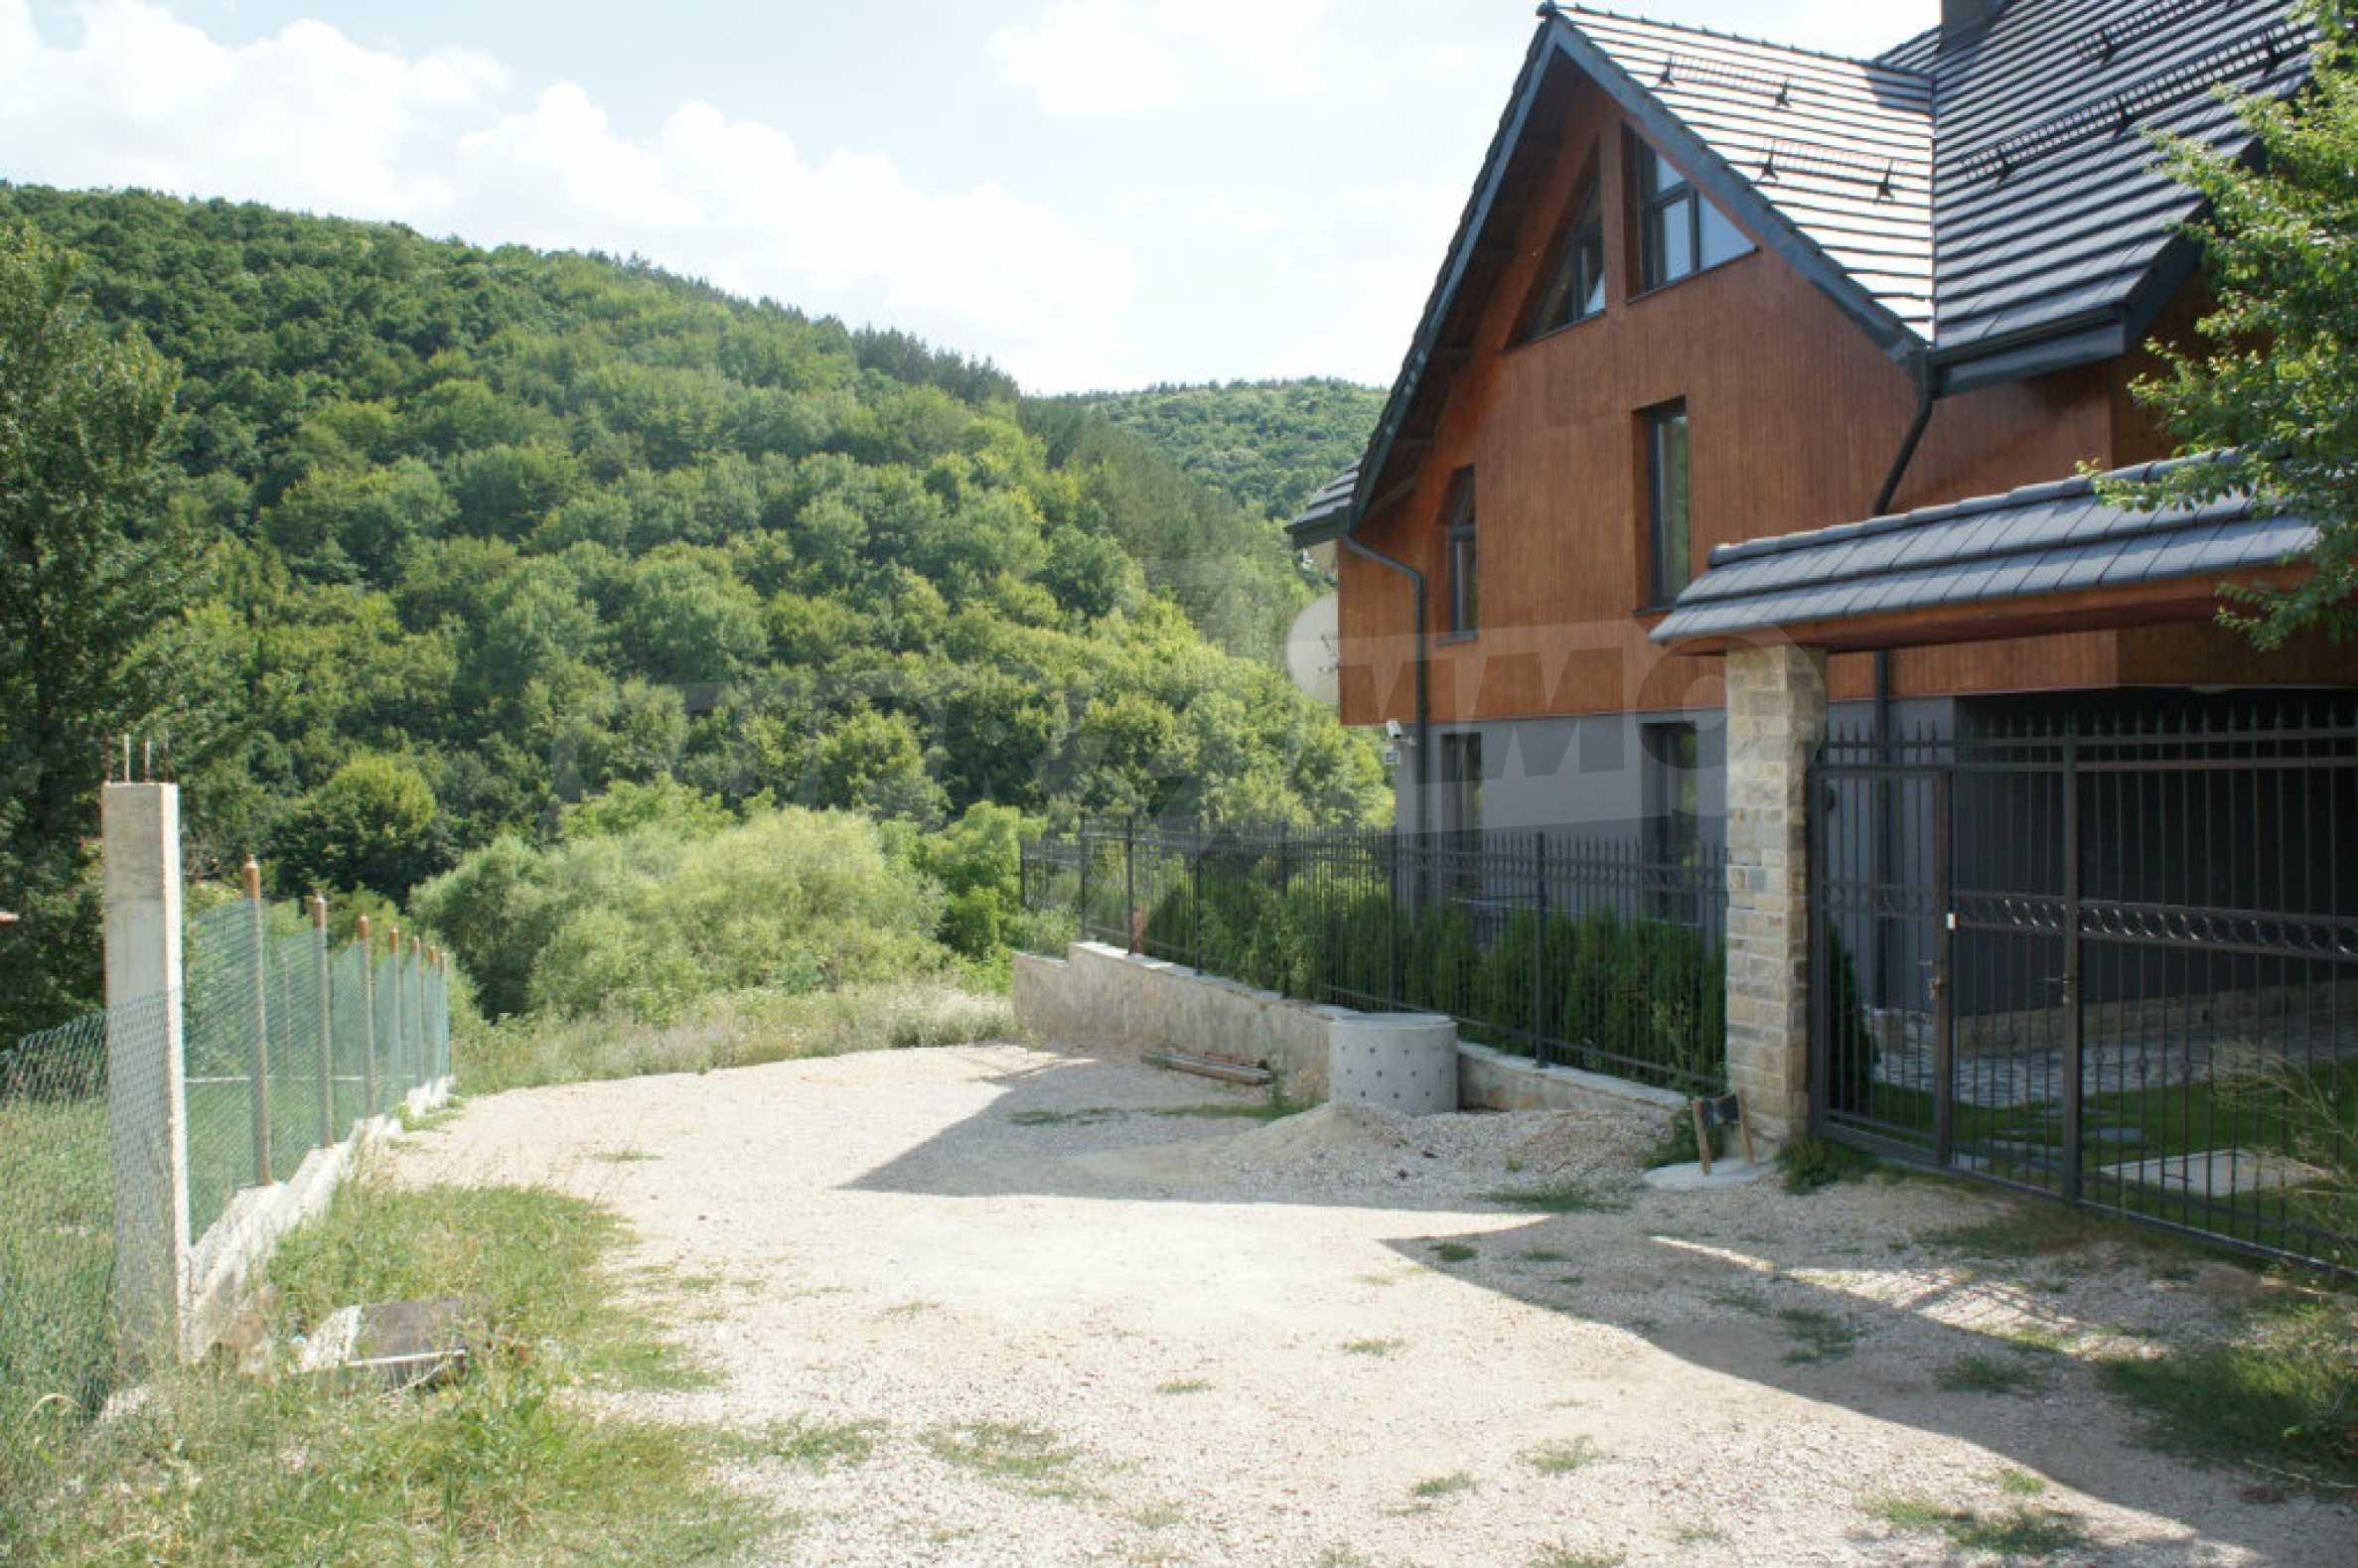 Gästehaus in der Nähe von Sofia! 3